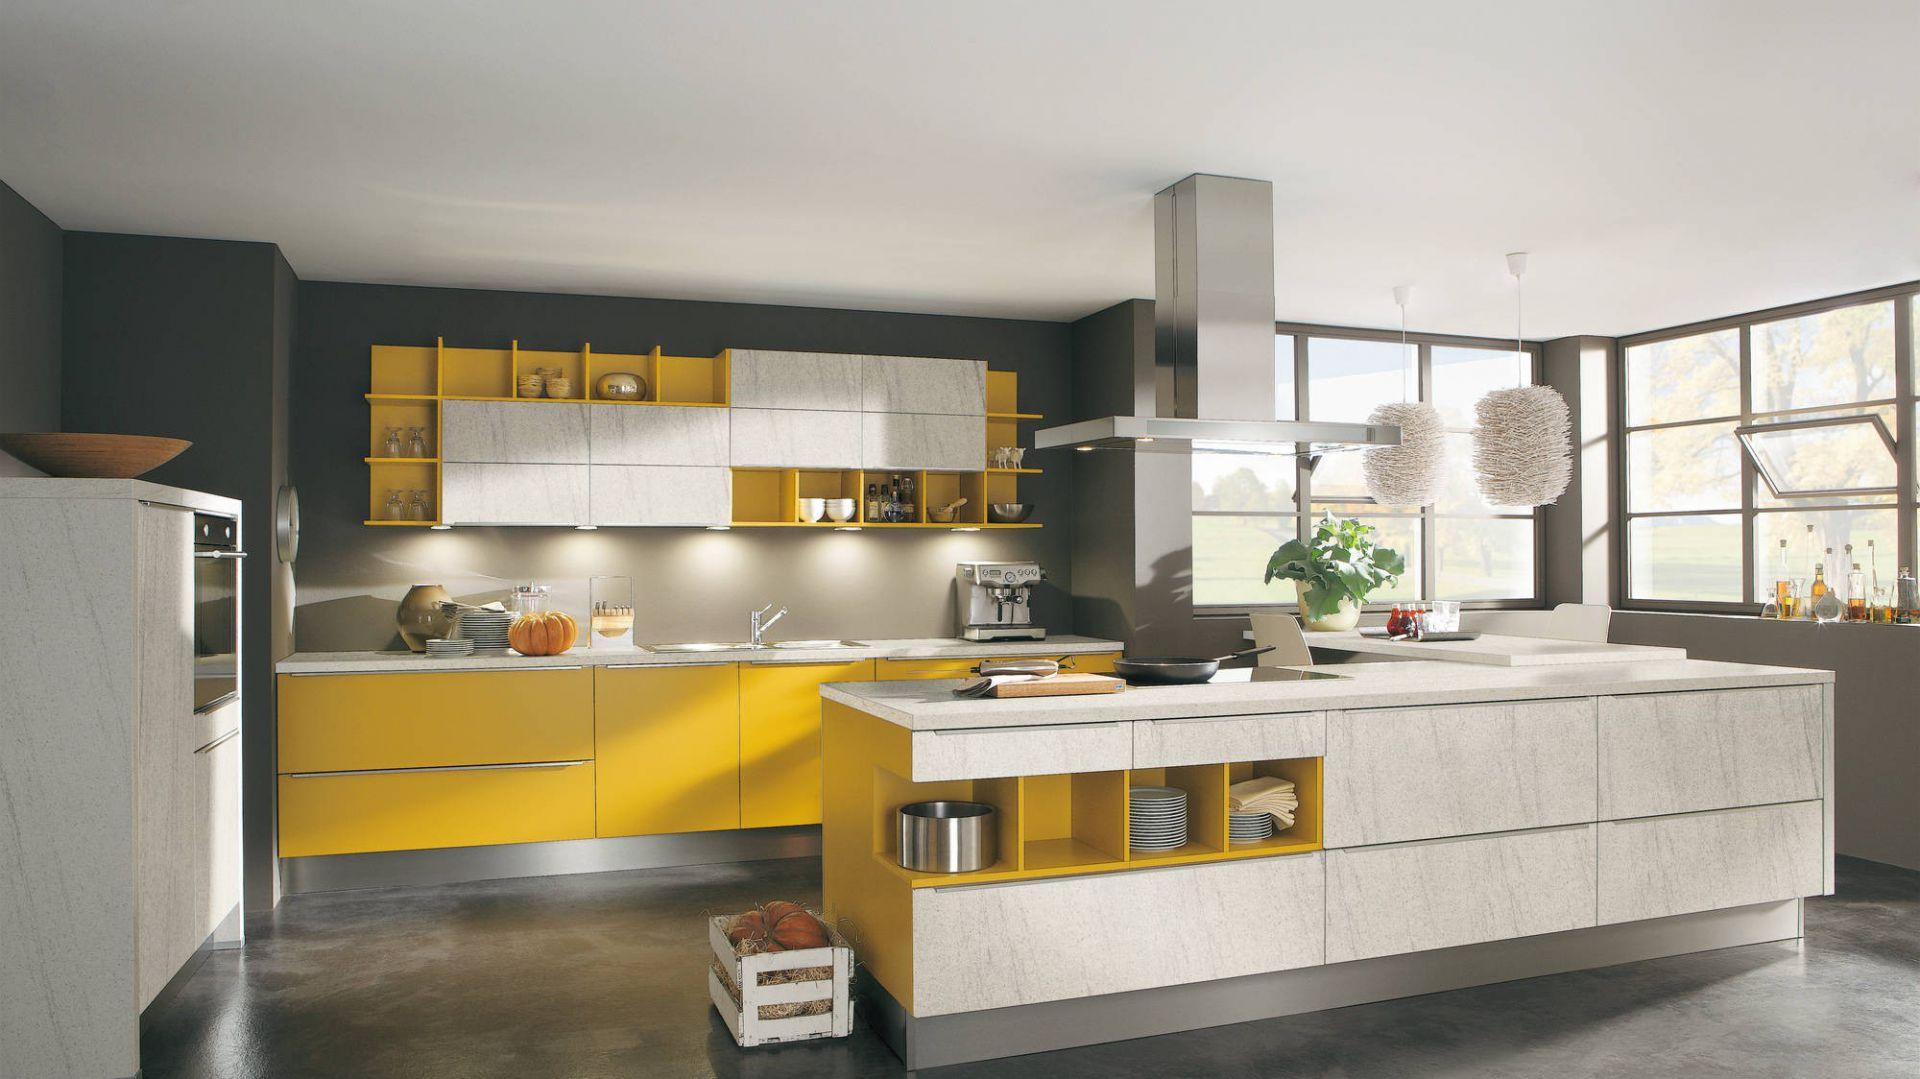 meble kuchenne z kolekcji piękne kuchnie w ż243�tym